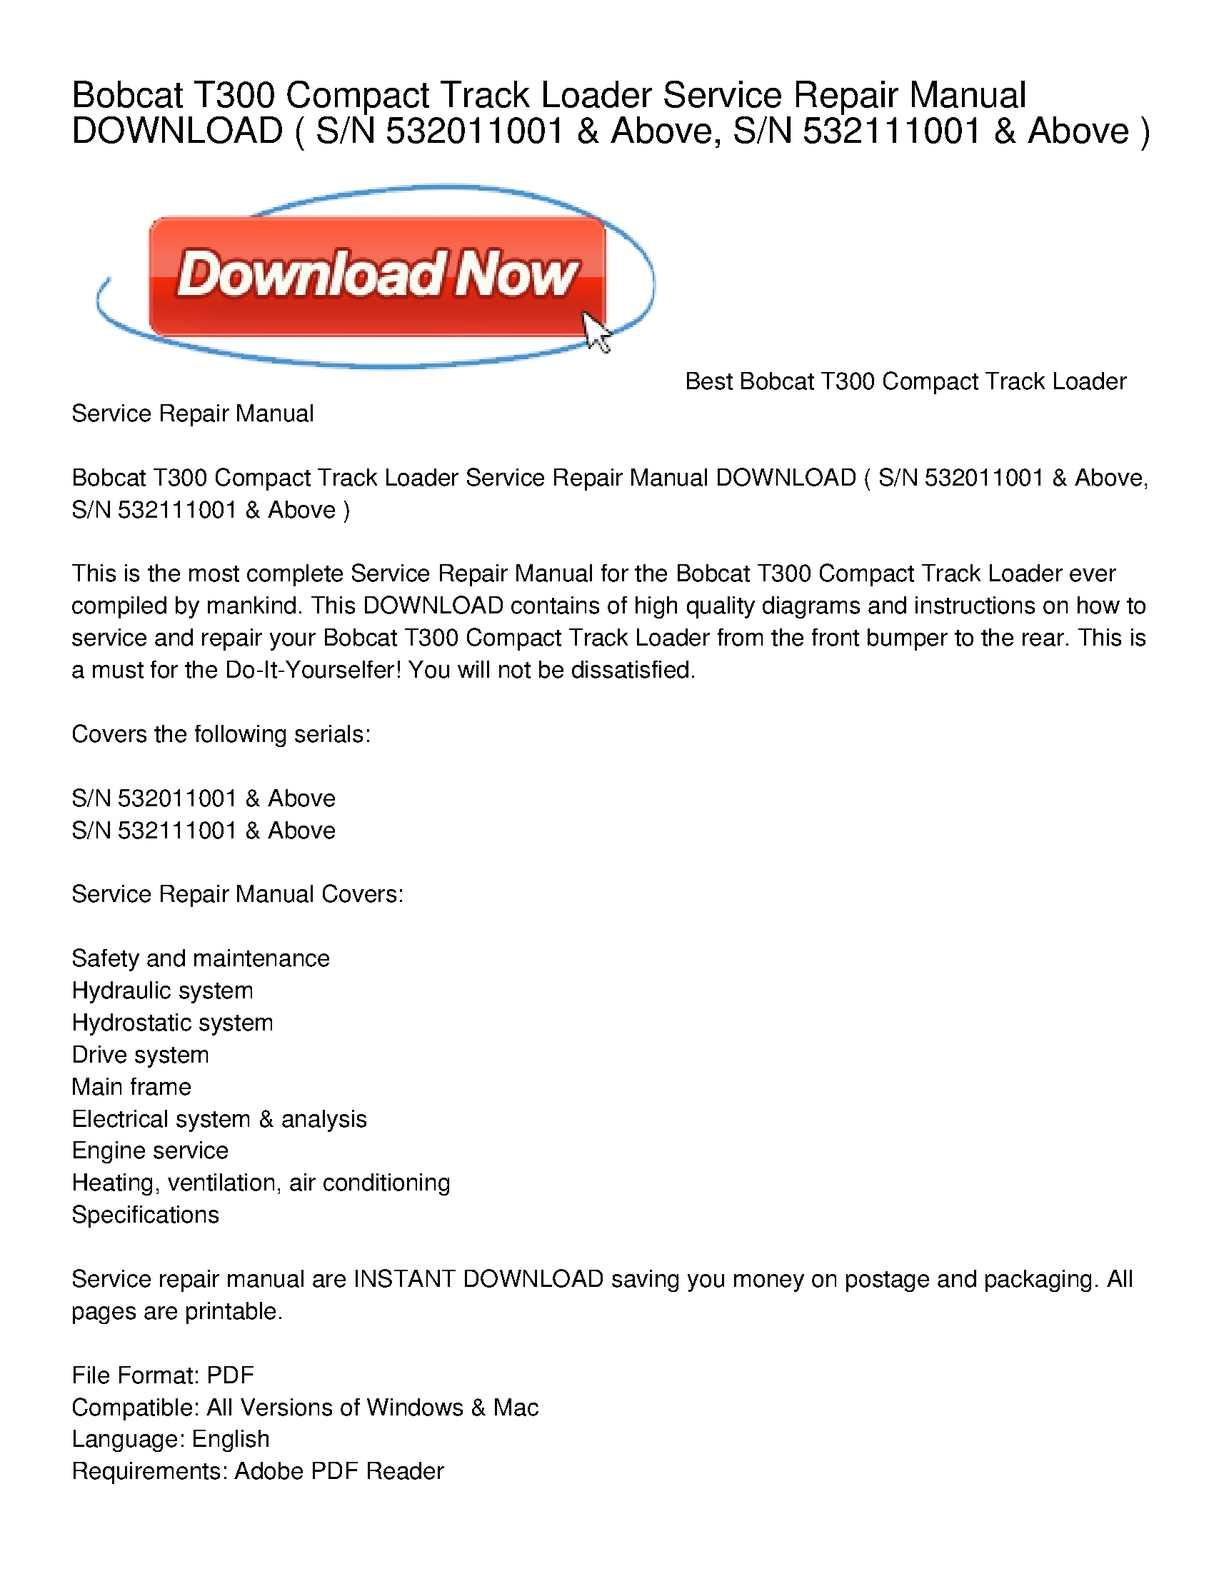 Bobcat T300 Hydraulic Schematic Schematics Wiring Diagrams